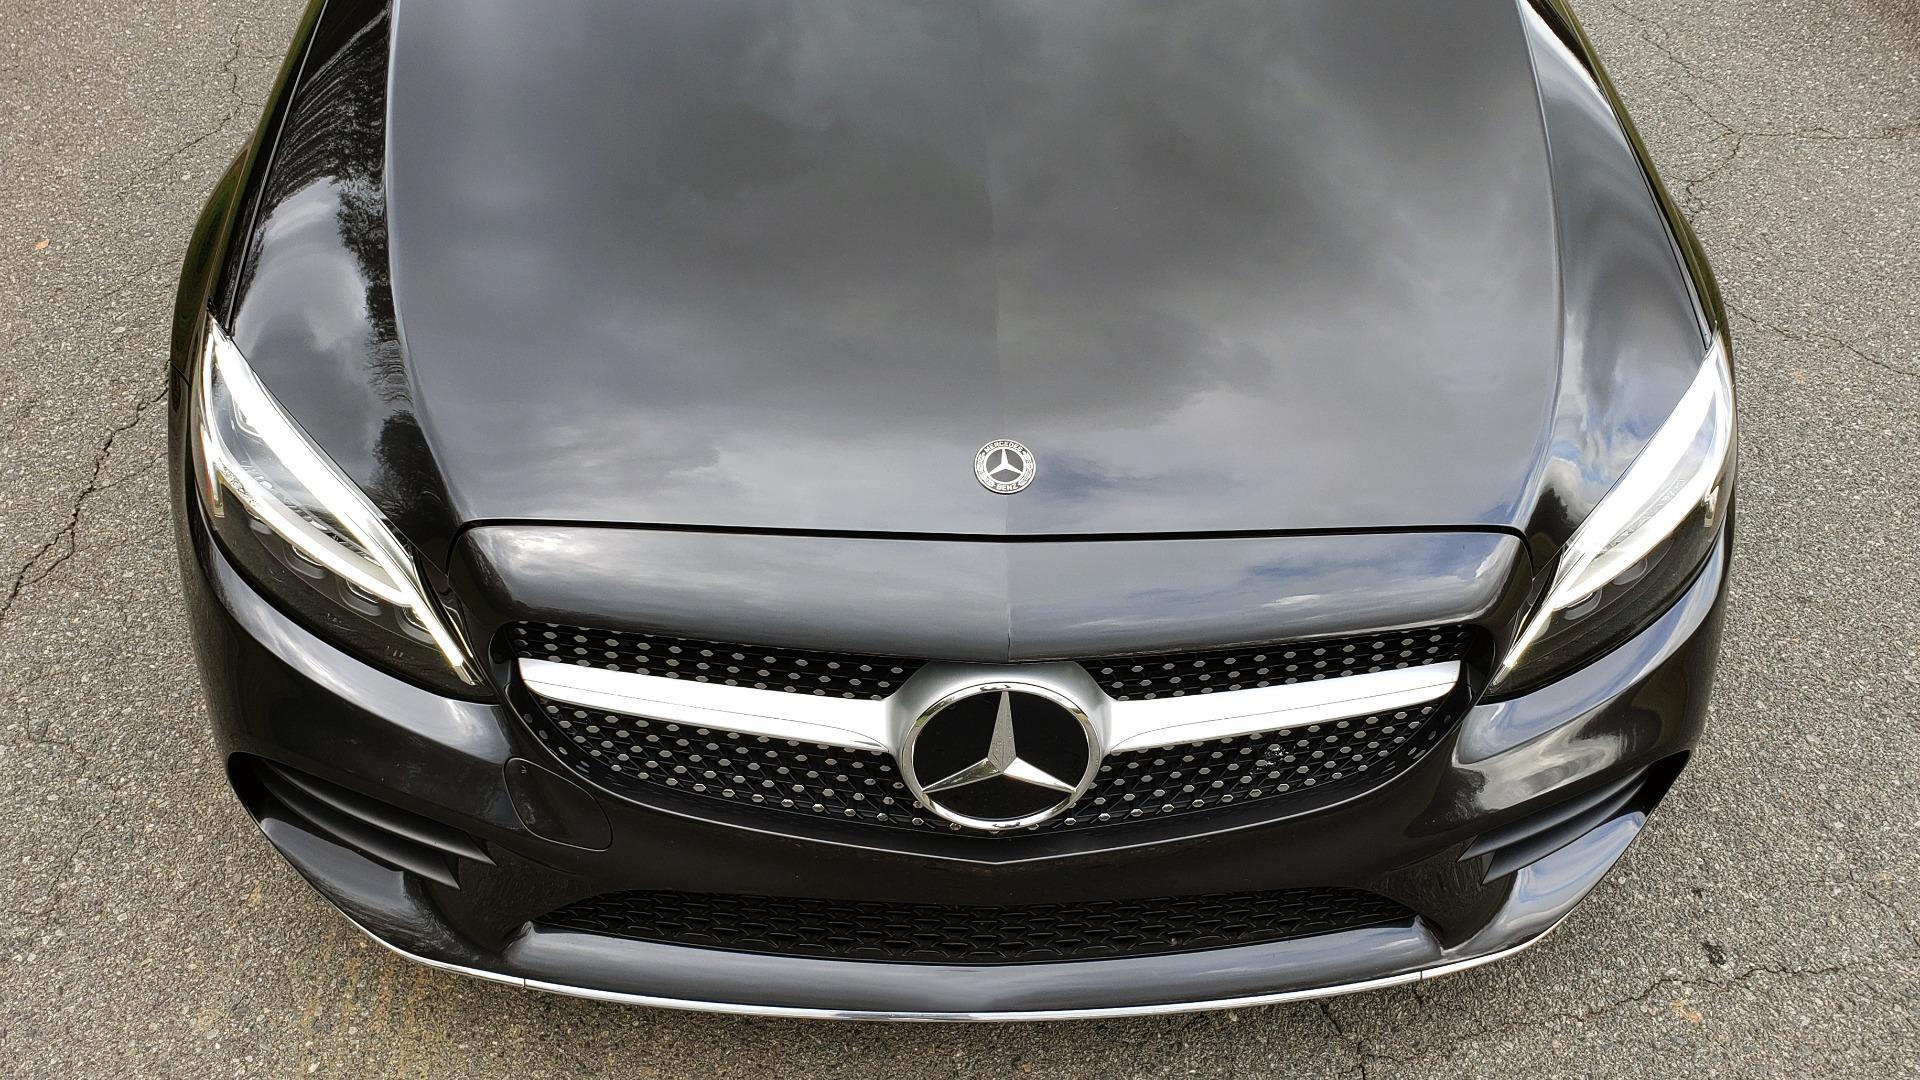 Used 2019 Mercedes-Benz C-CLASS C 300 CABRIOLET / PREM PKG / NAV / BURMESTER / MULTIMEDIA for sale $49,995 at Formula Imports in Charlotte NC 28227 19